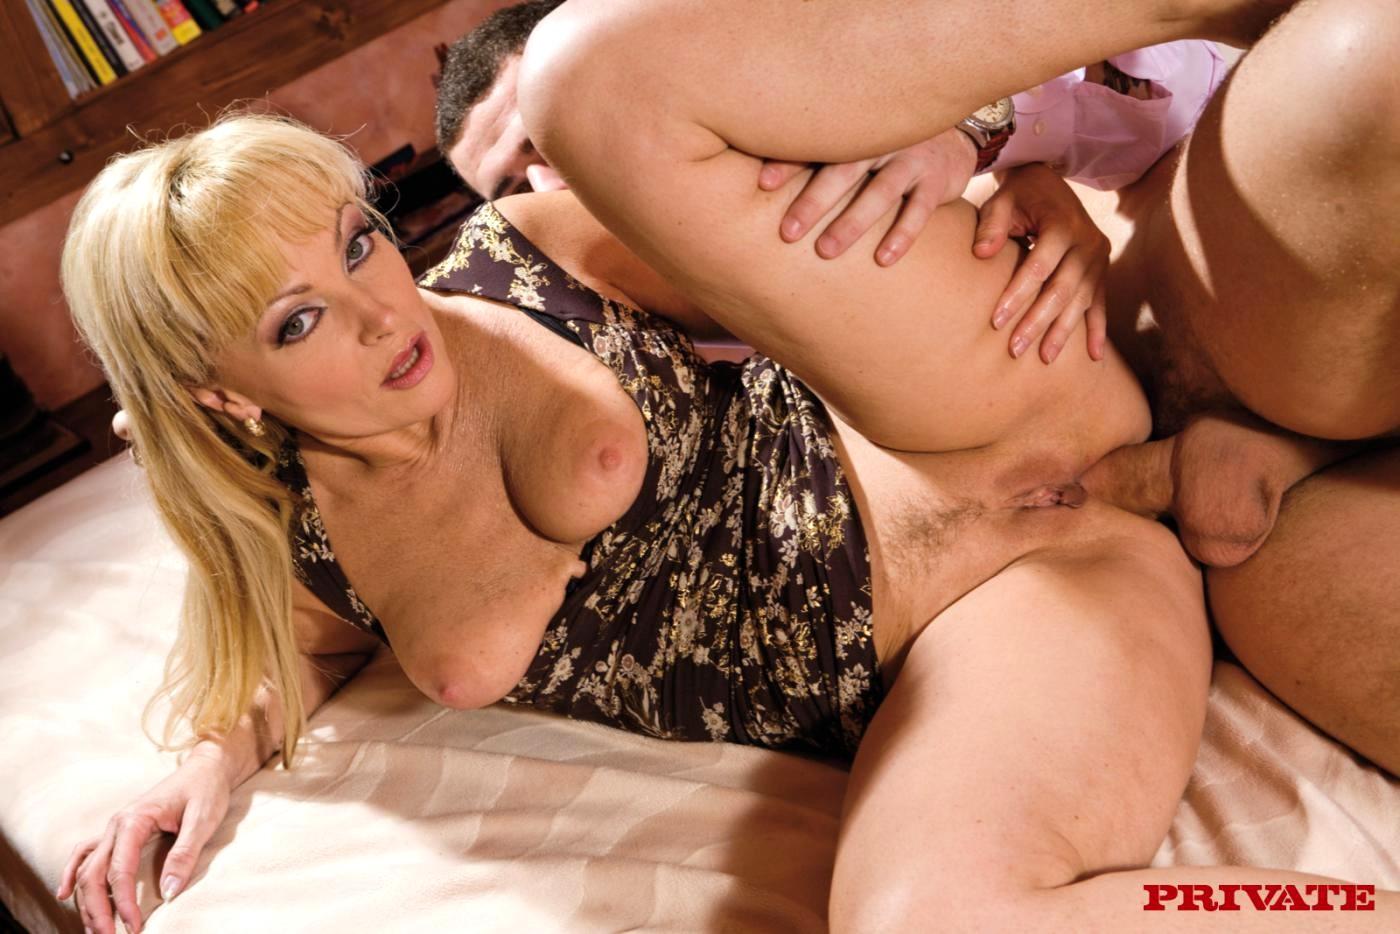 супер зрелые женщины секс фото сладкая пытка заводит